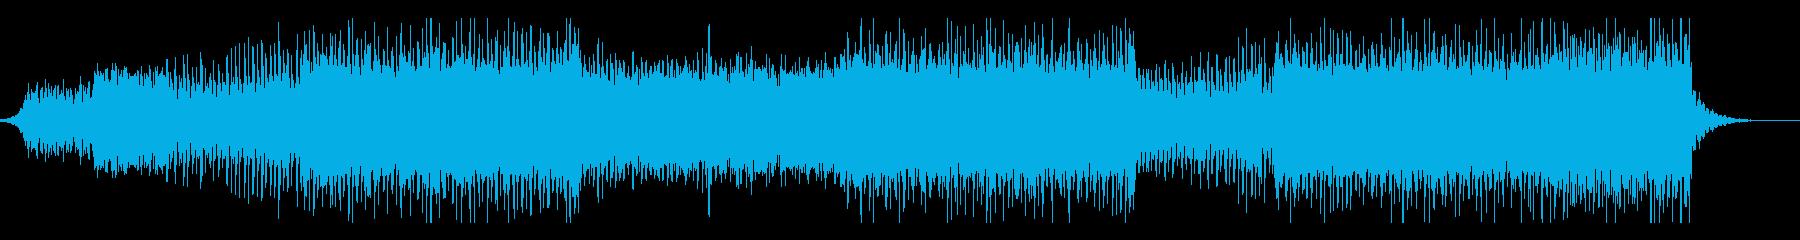 爽やかでミニマルなEDMの再生済みの波形